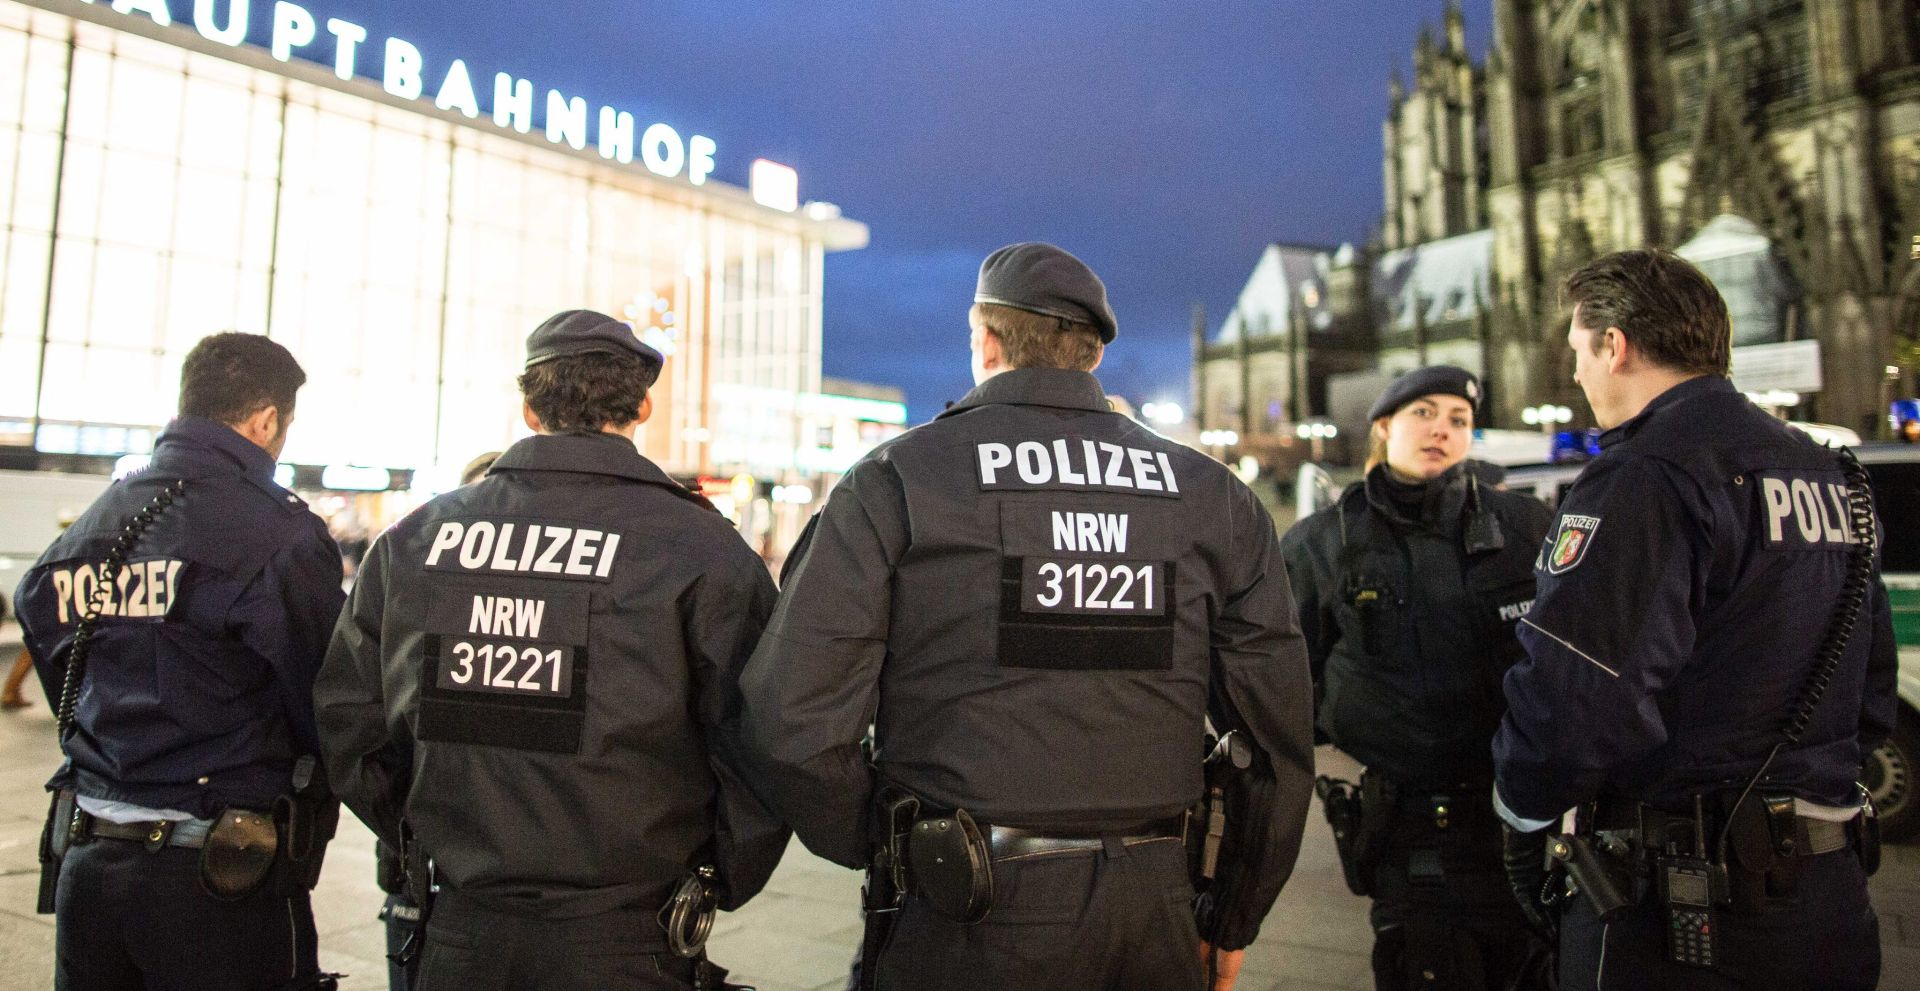 Njemačka savezna policija: Identificirana 31 počinitelj, većina su izbjeglice, među njima i jedan Srbin